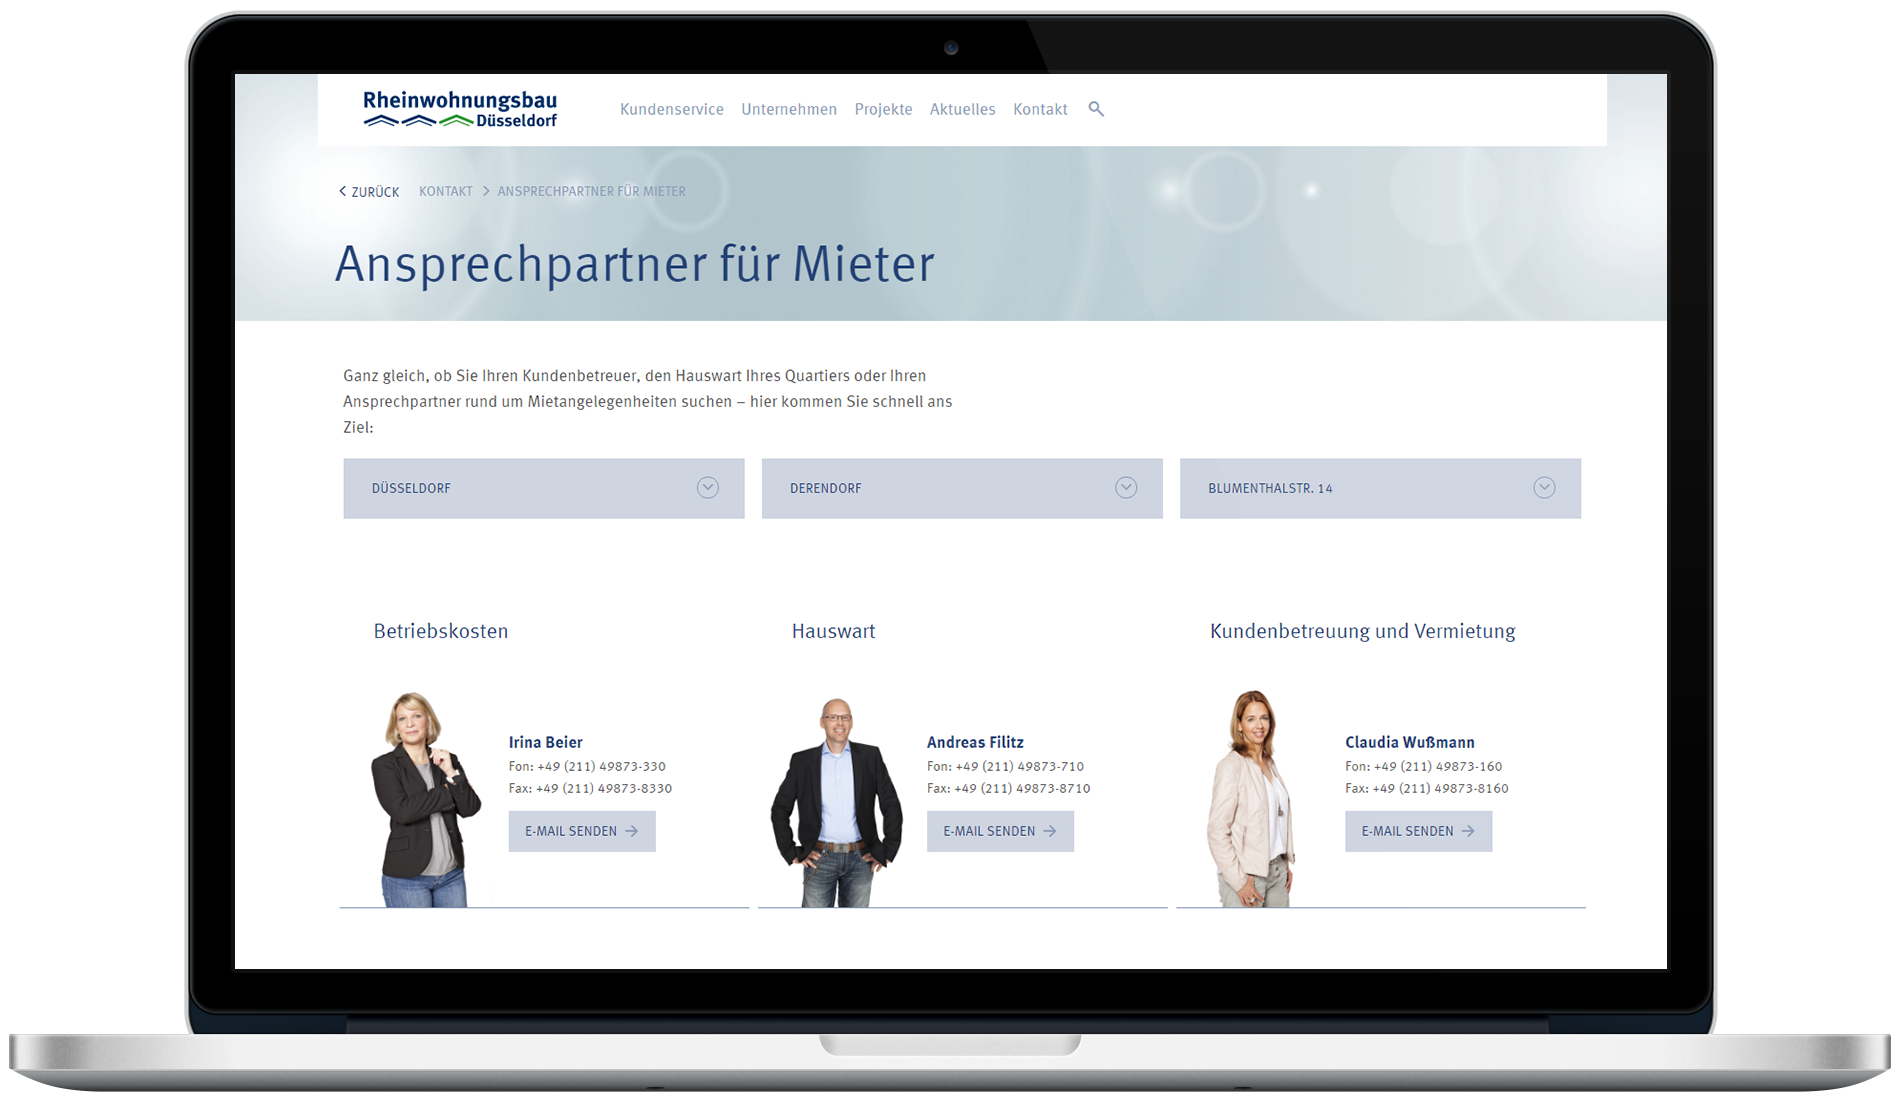 rheinwohnungsbau-website-ansprechpartner_desktop